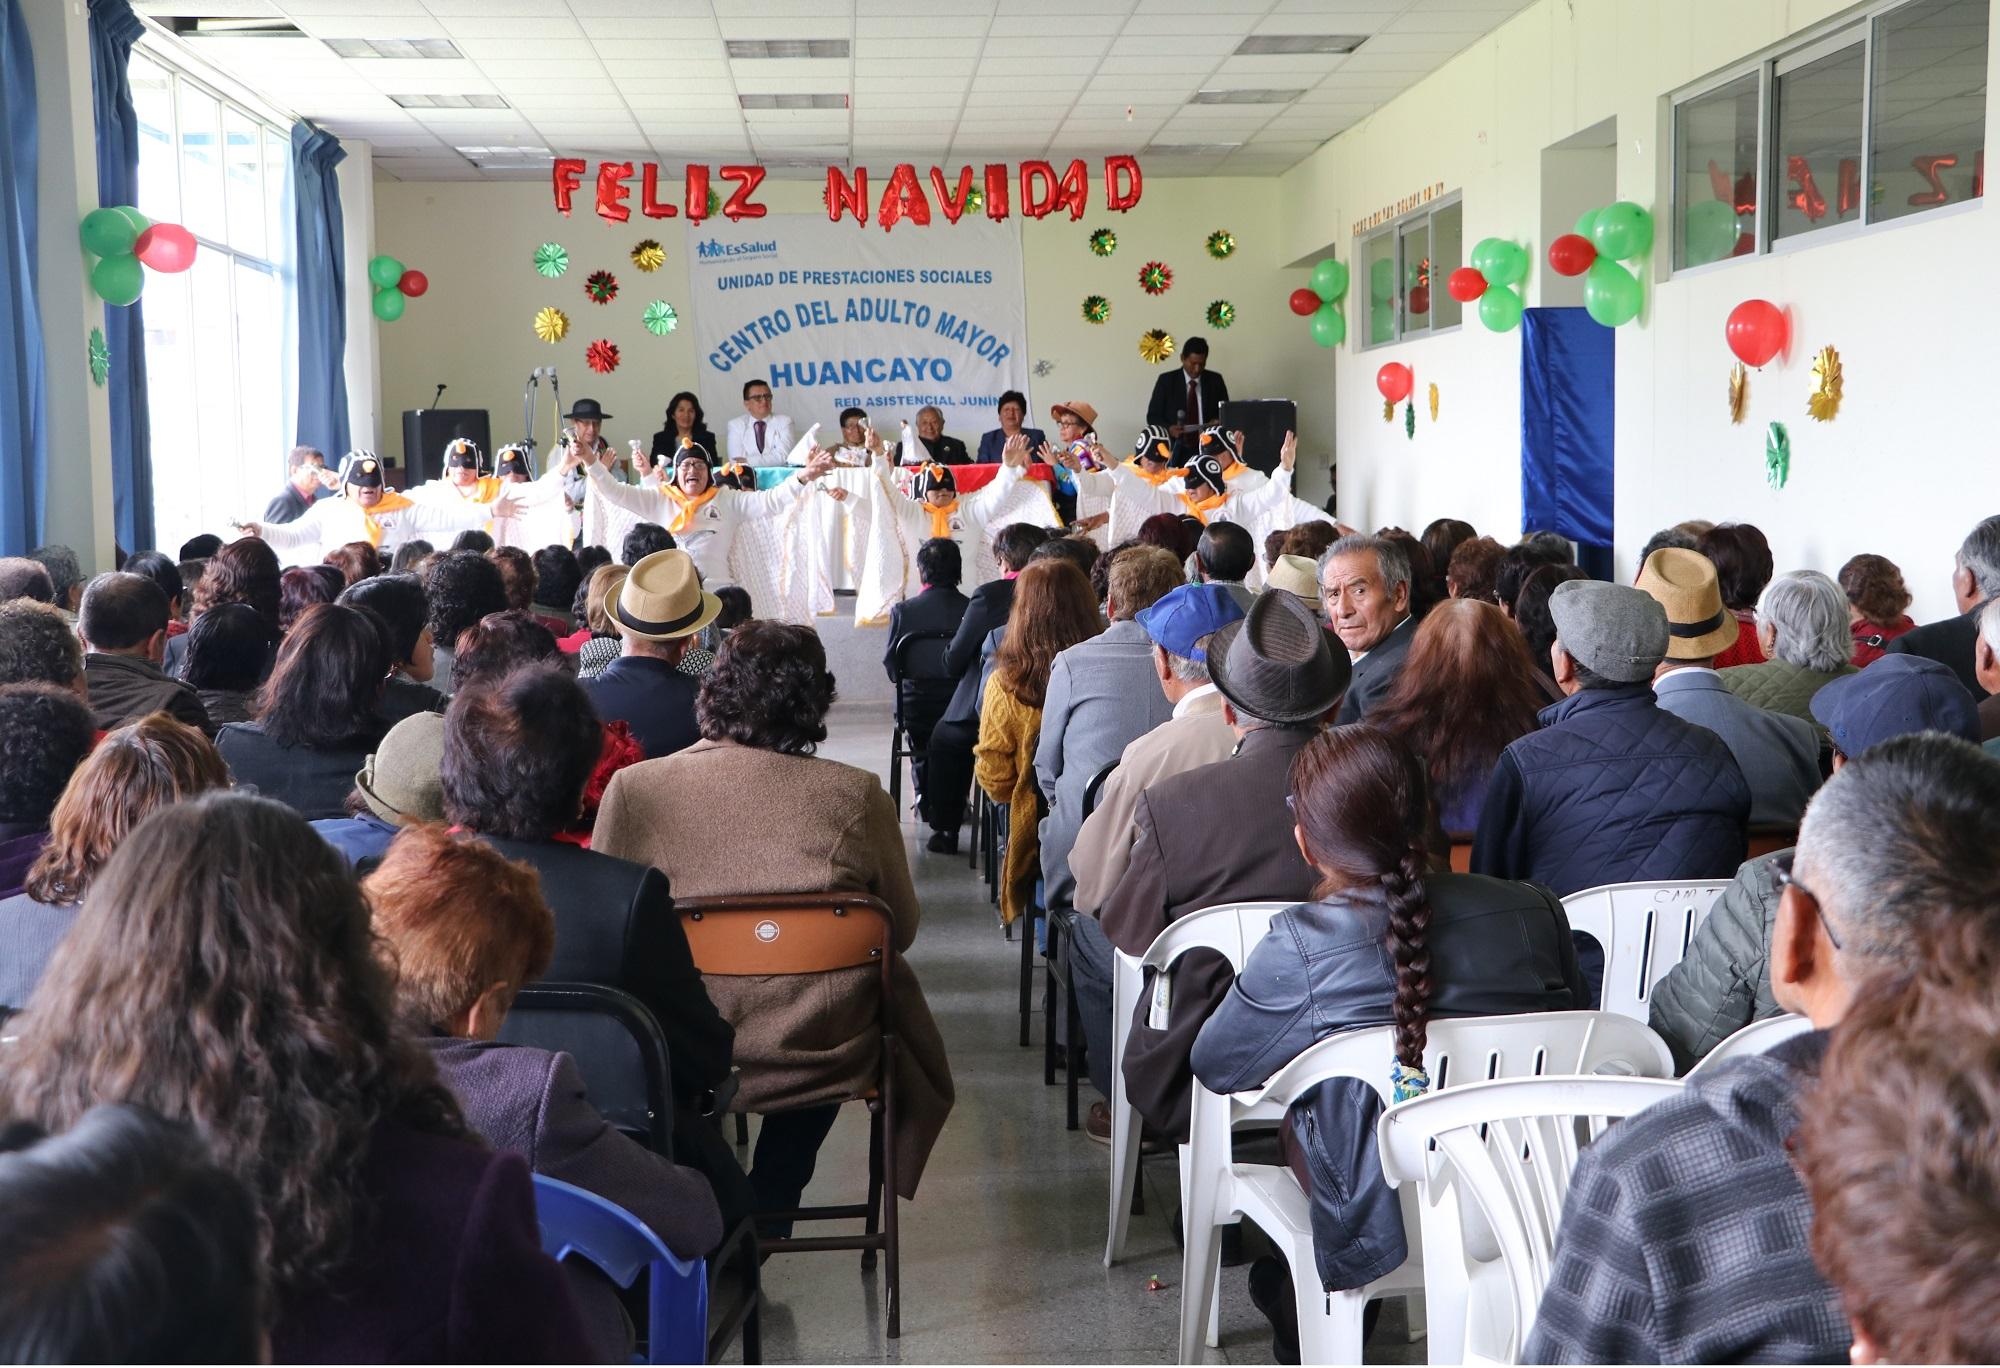 Essalud - EsSalud Junín: Centro del Adulto Mayor de Huancayo celebra la Navidad